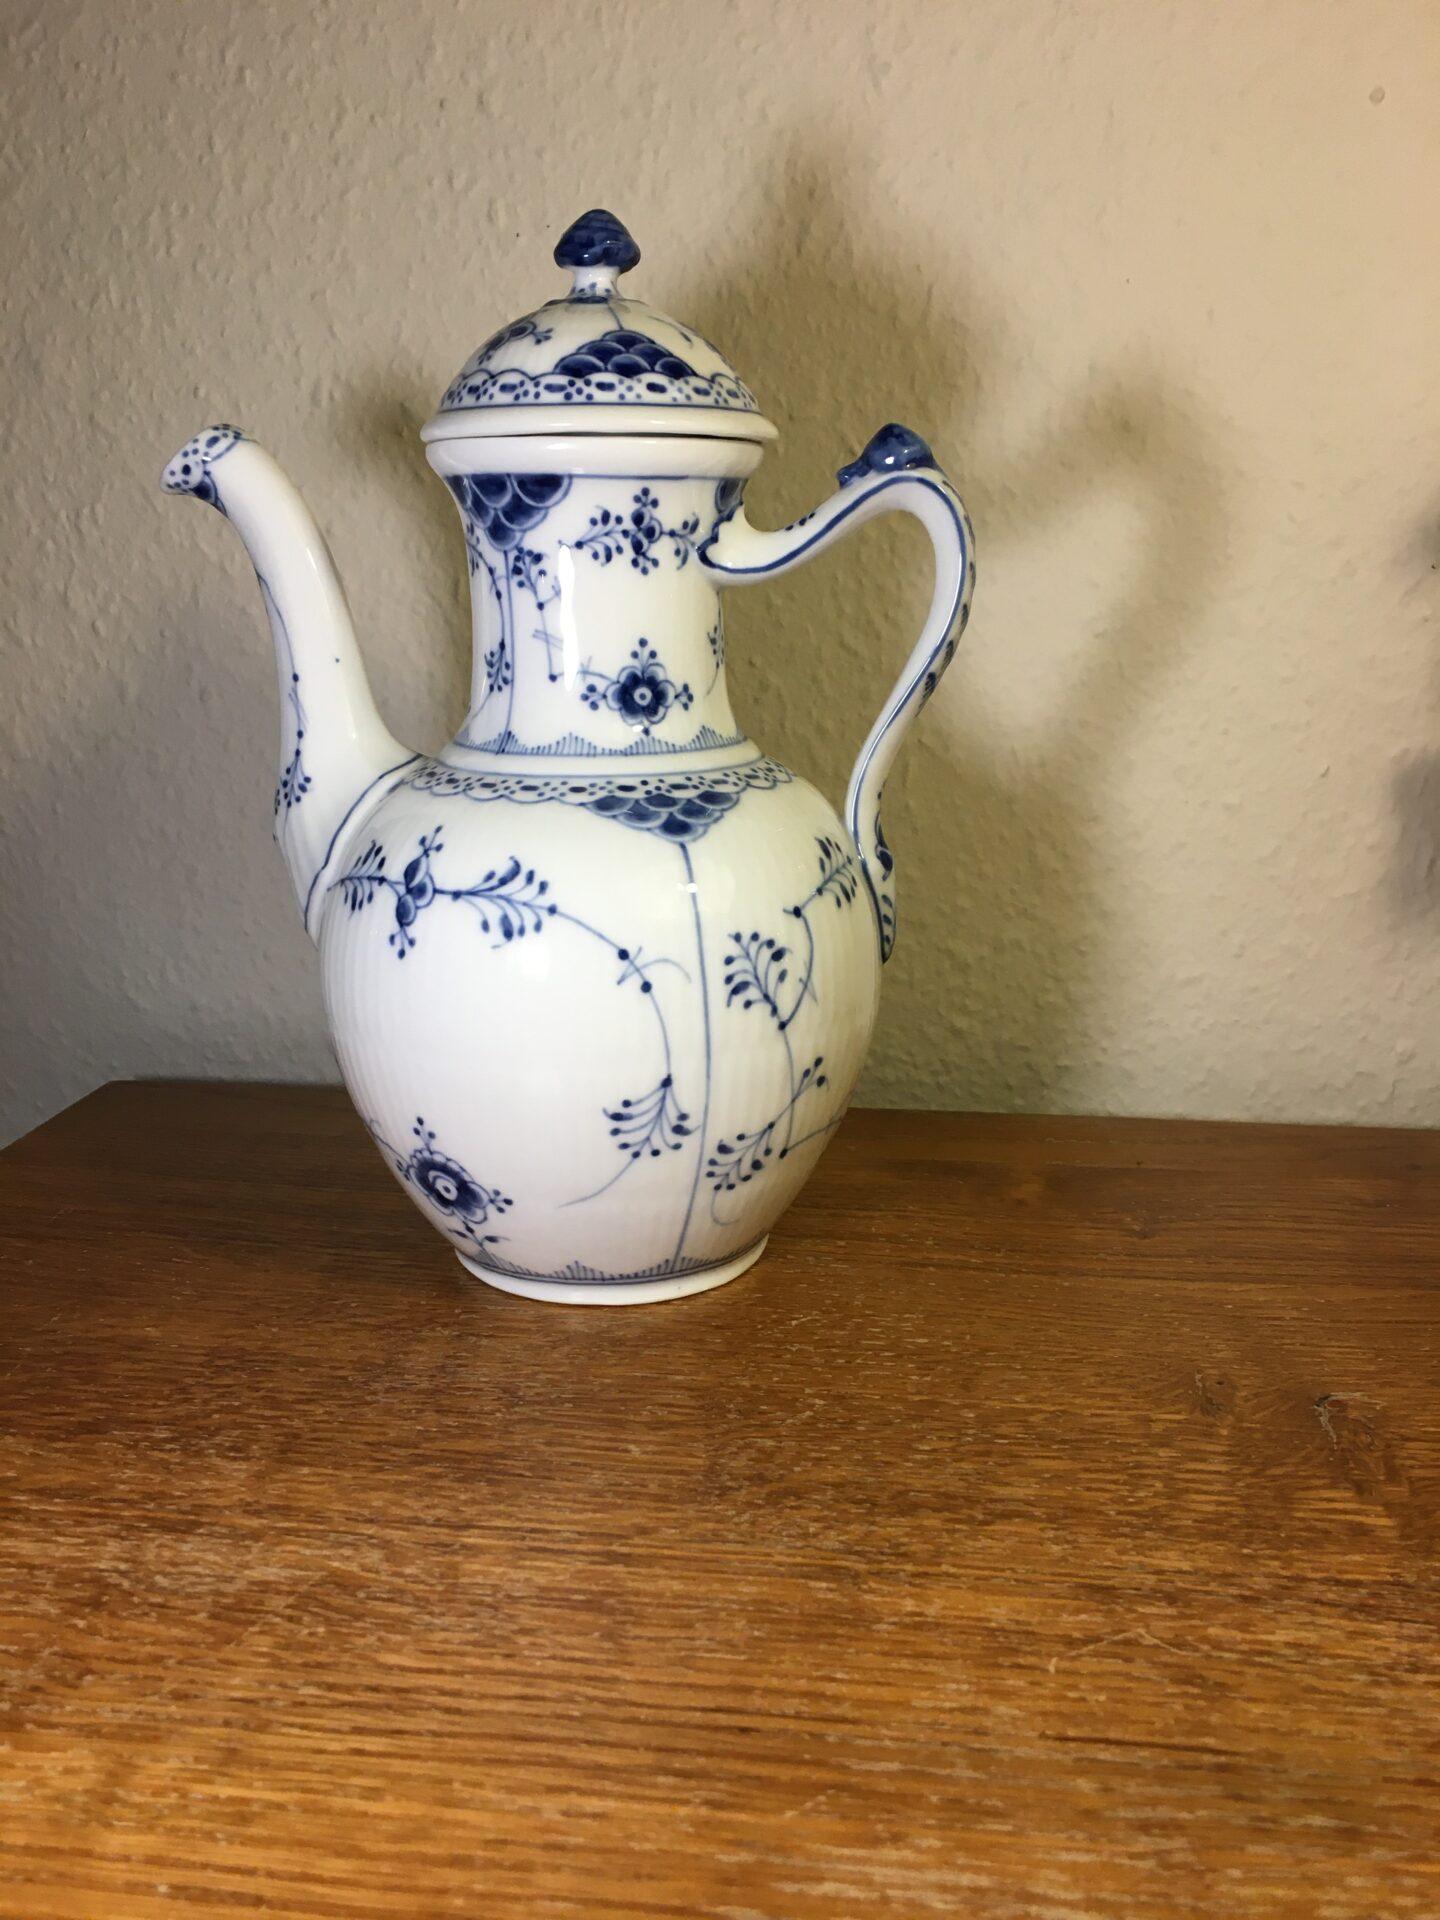 Kongelig Porcelæn, Kaffekande, musselmalet halvblonde, nr.1/519, 1. sort. fejlfri, pris 800kr-